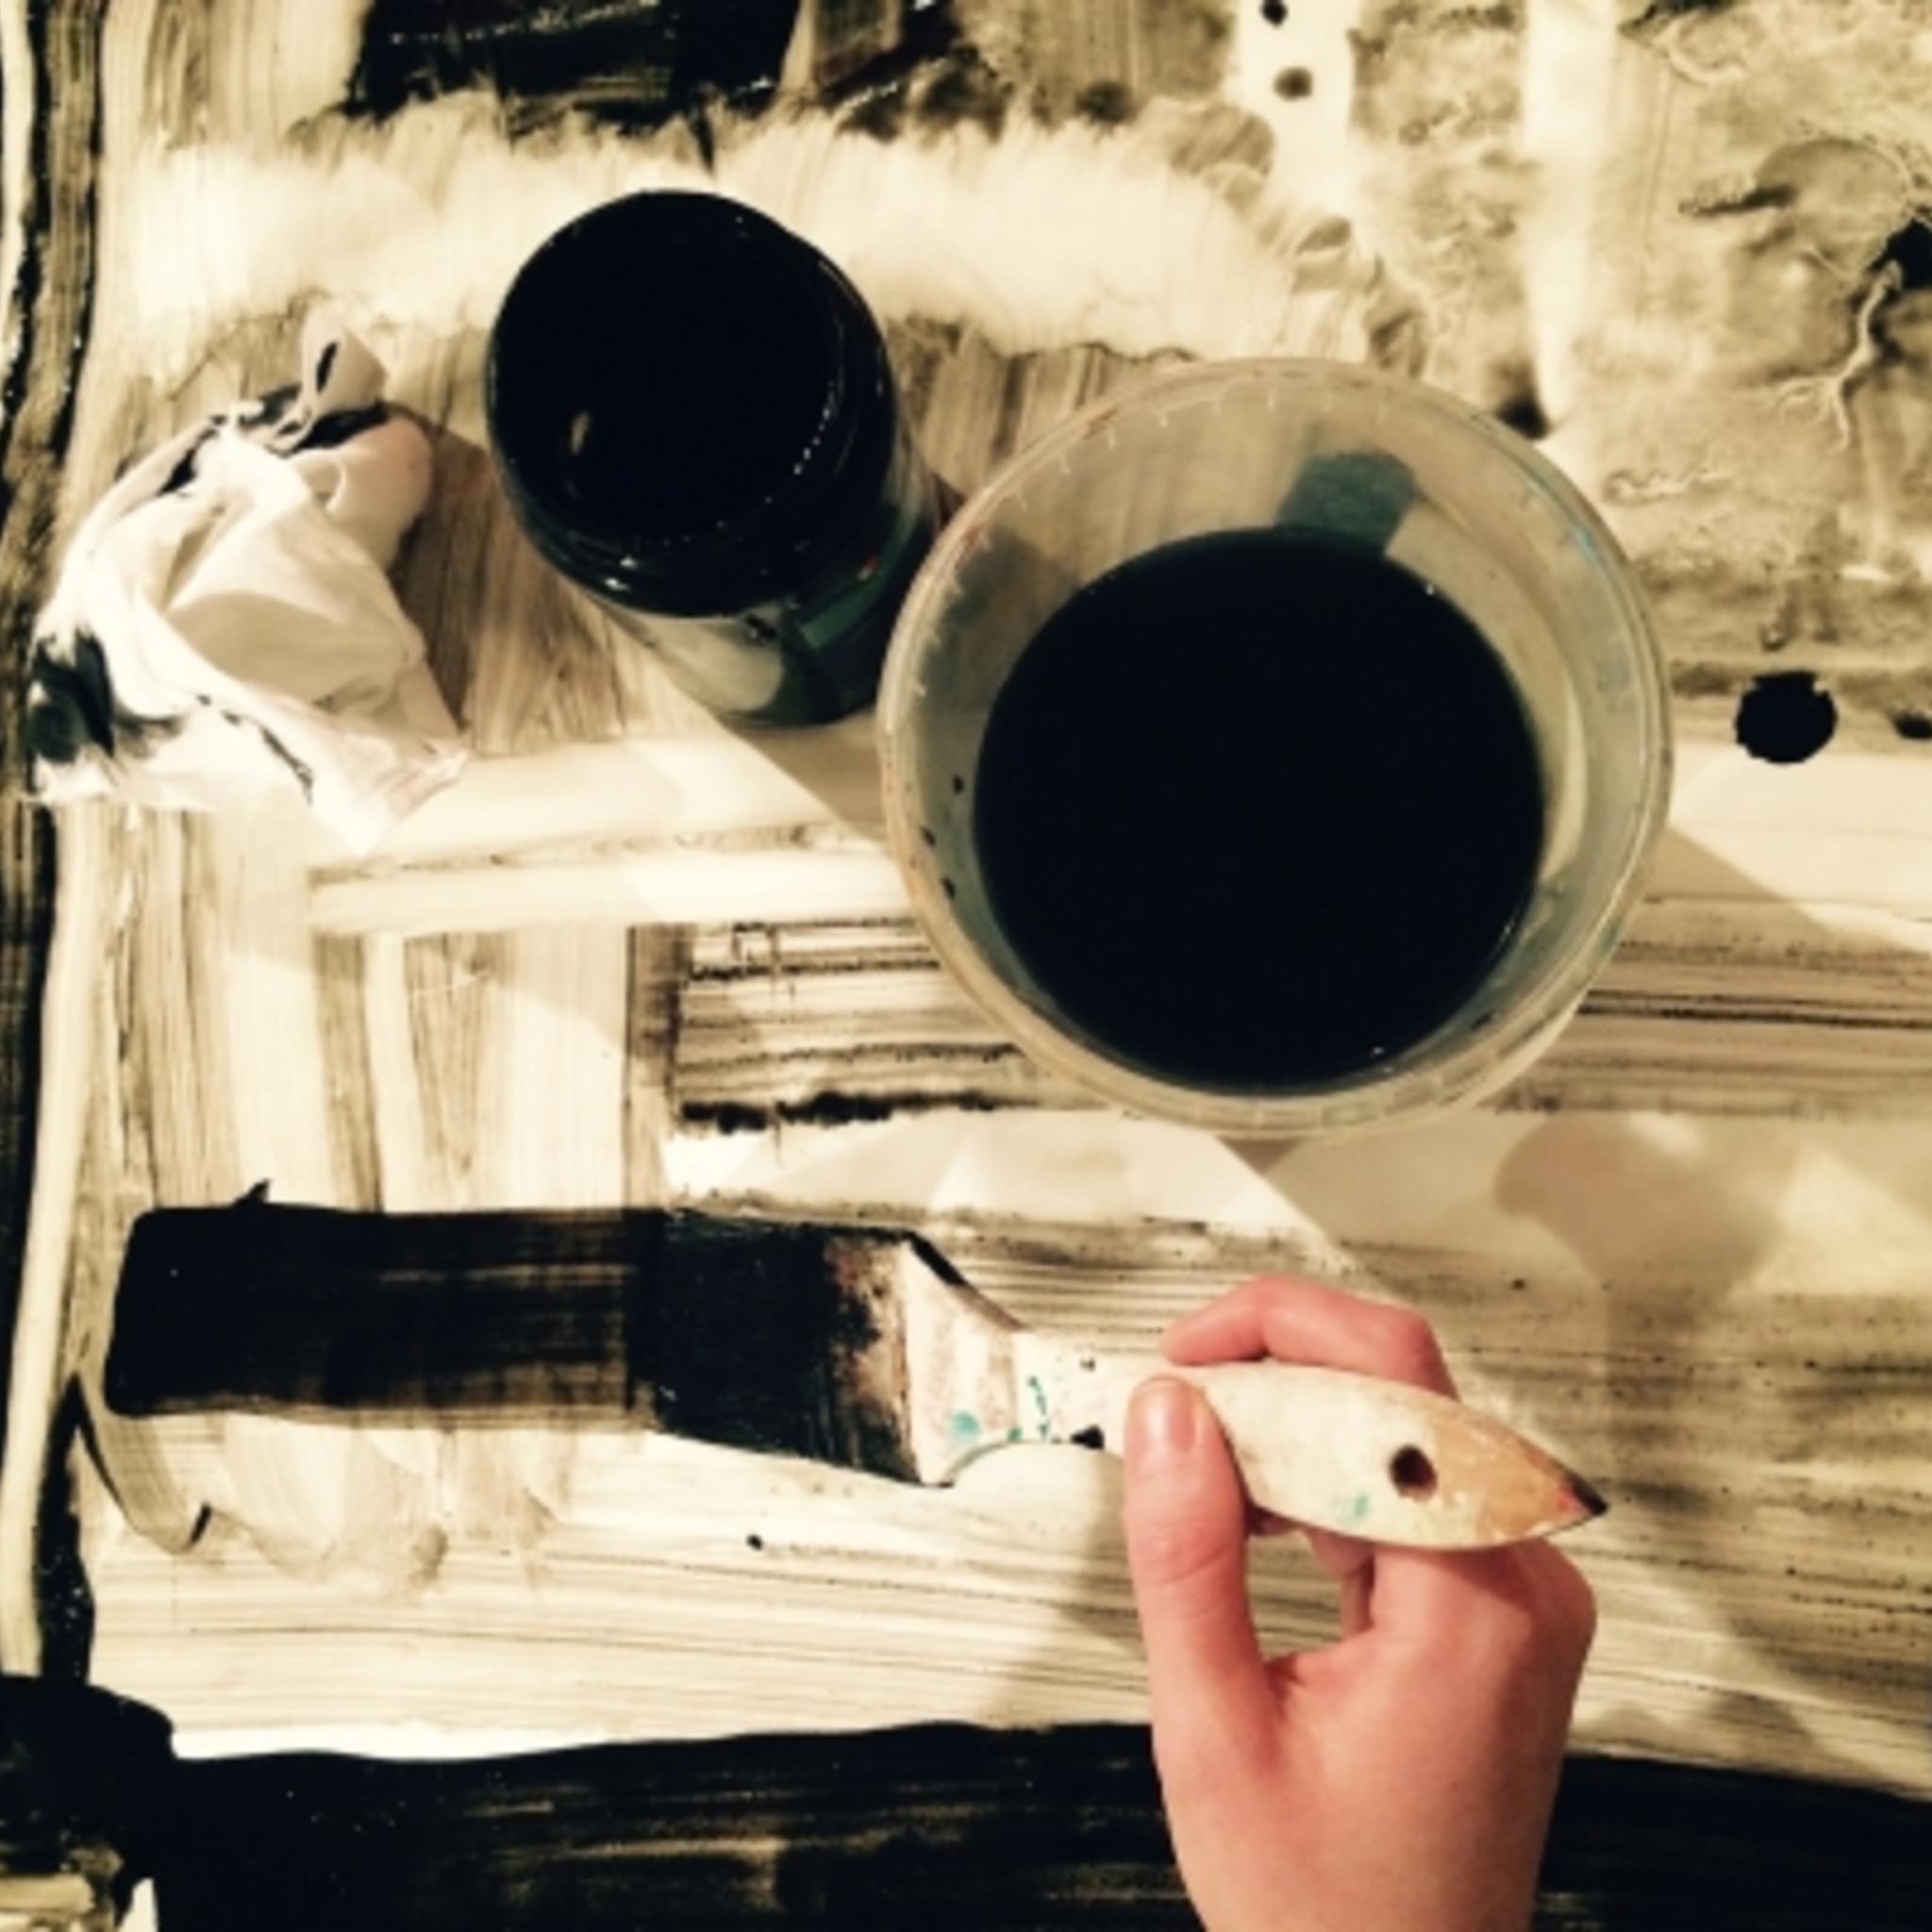 Творческая мастерская современного искусства для детей: От фото до гиперреализма